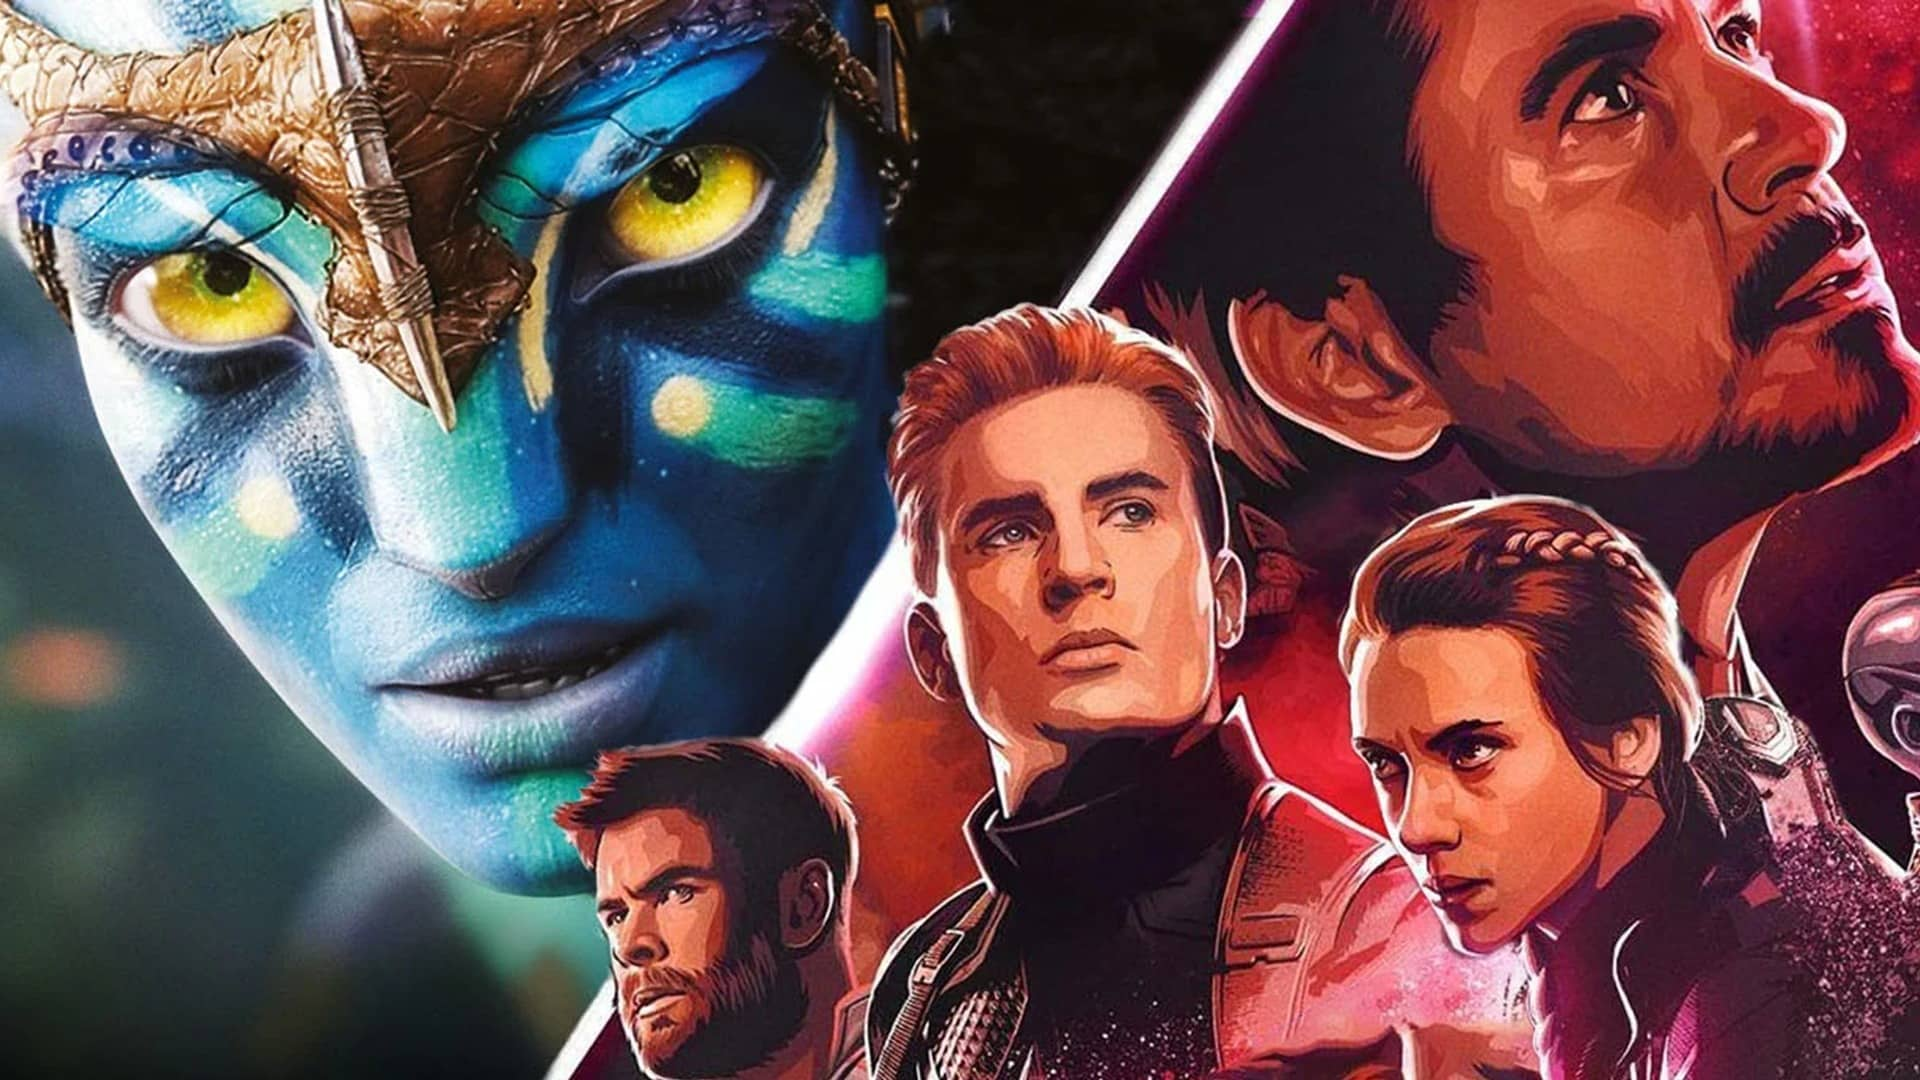 Zarobí dlho očakávaný film Avatar 2 viac ako Avengers: Endgame?